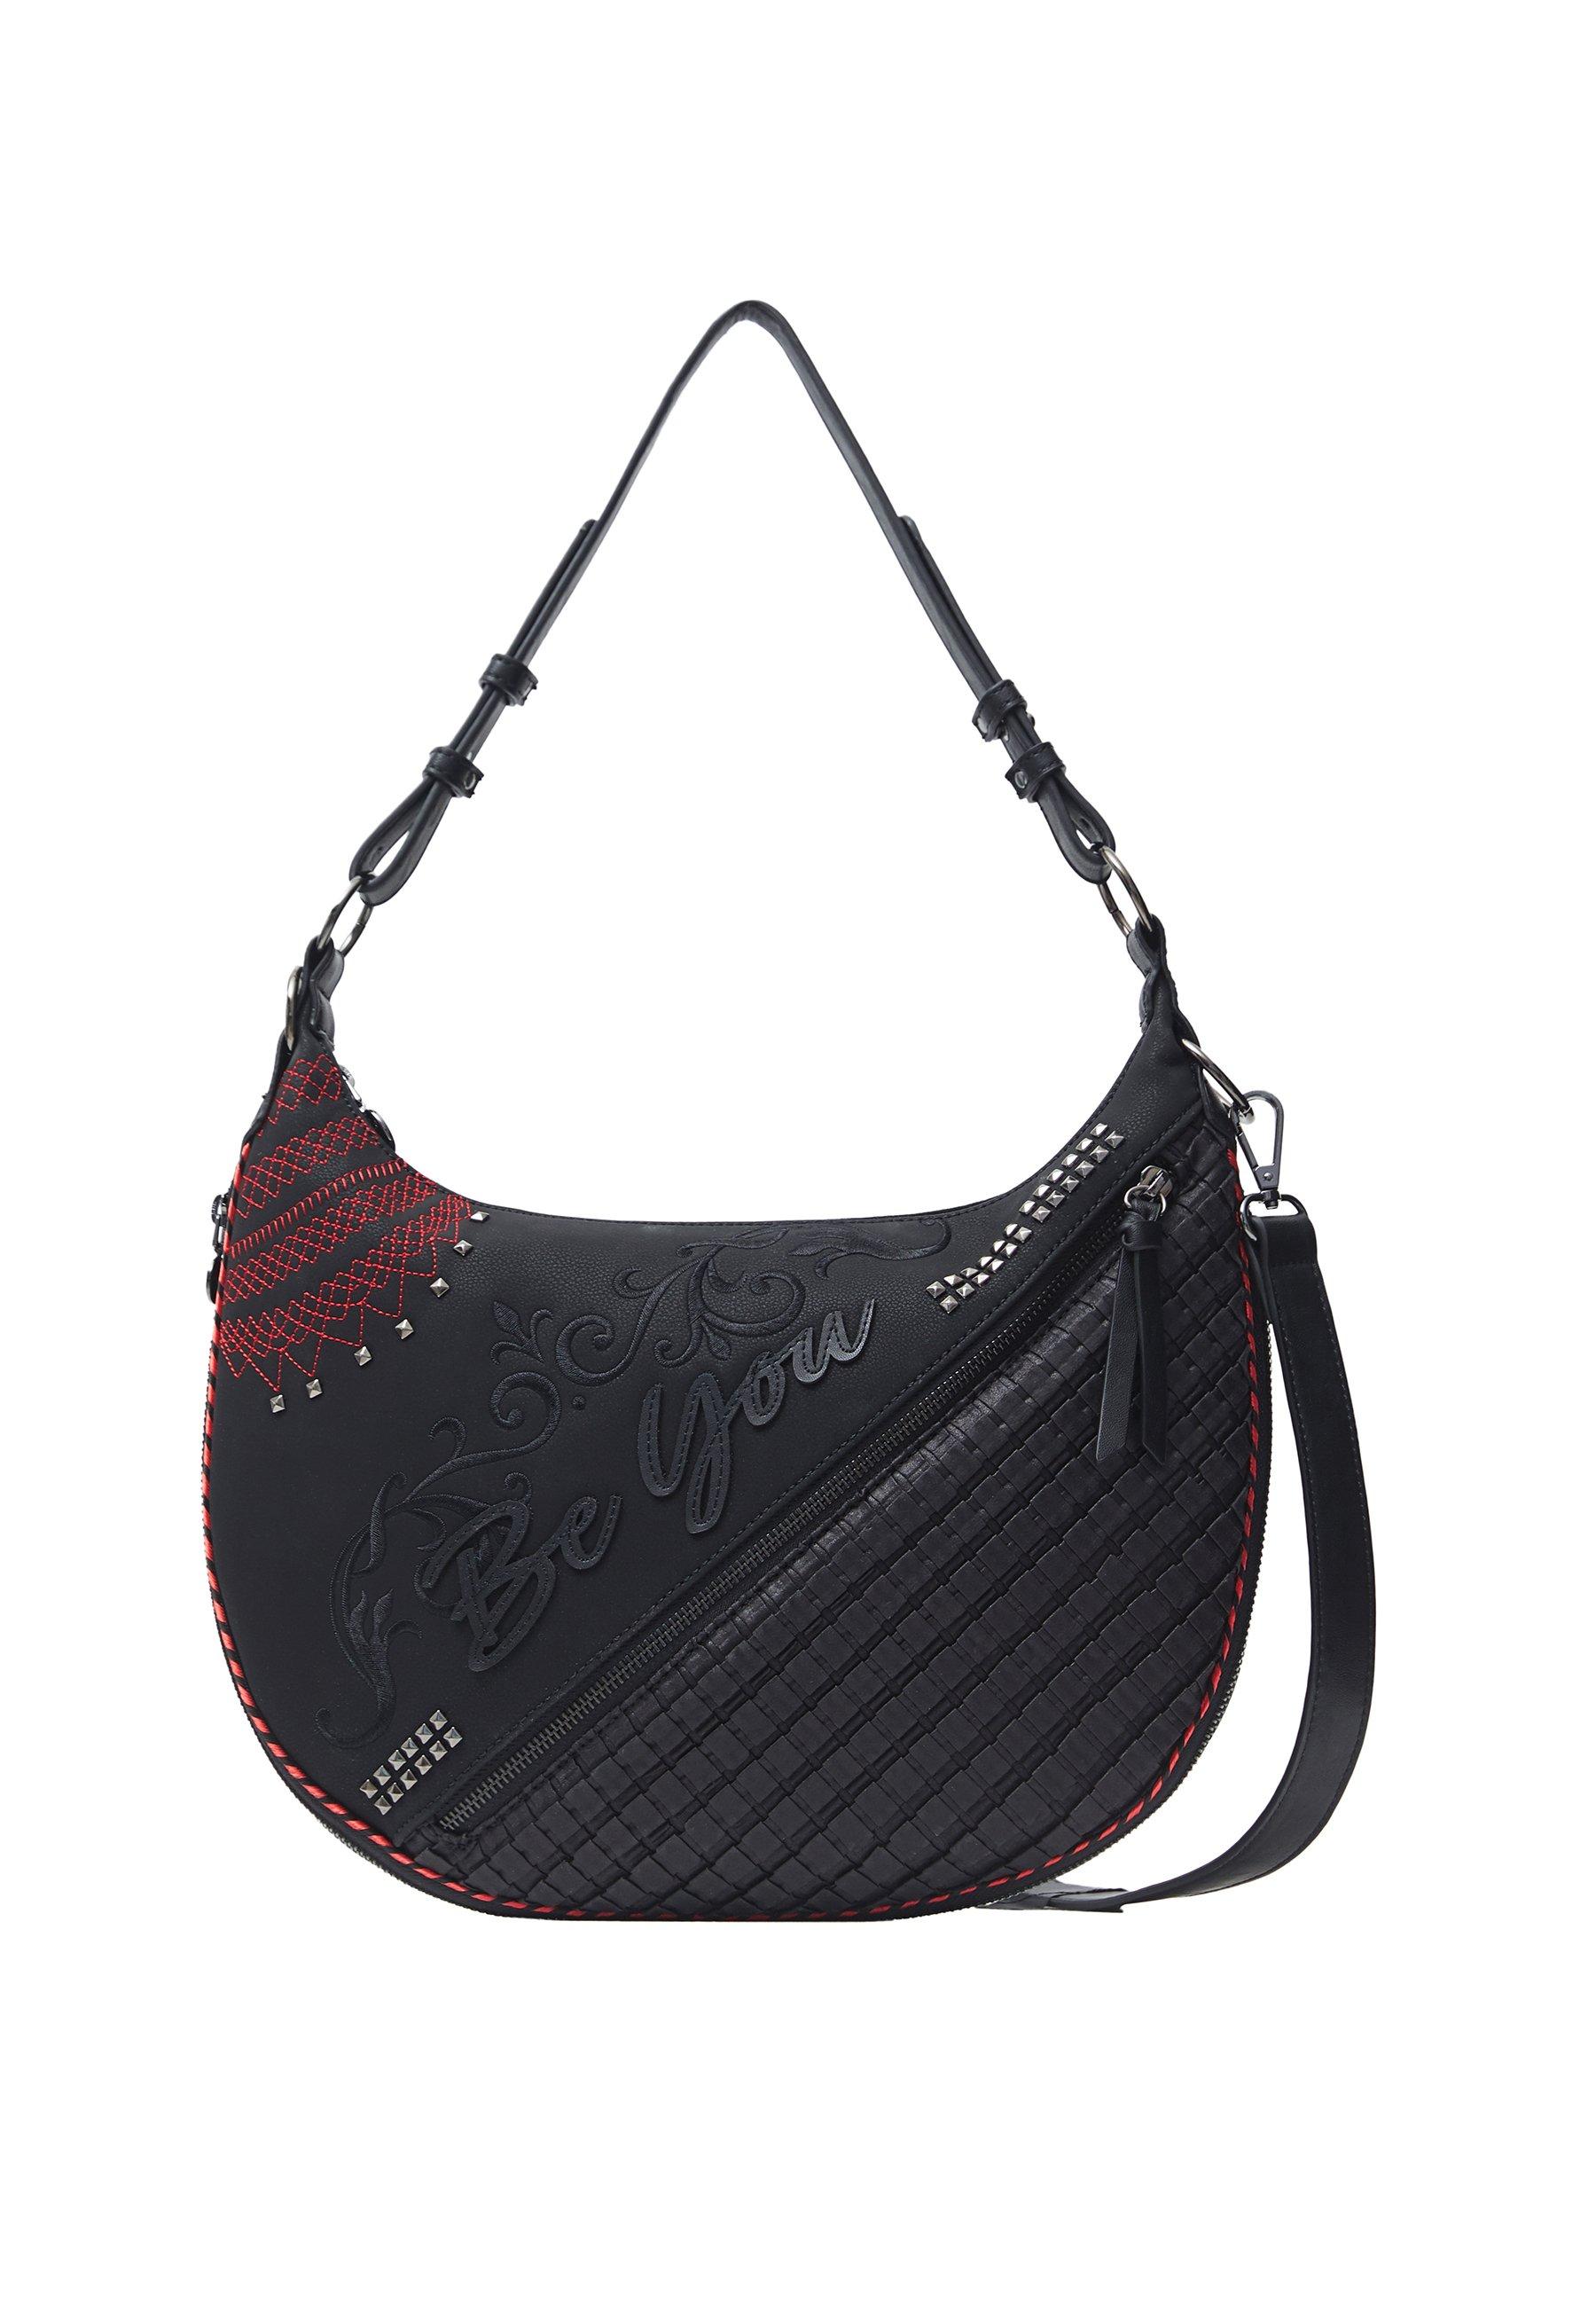 Desigual Handtasche - Black/schwarz